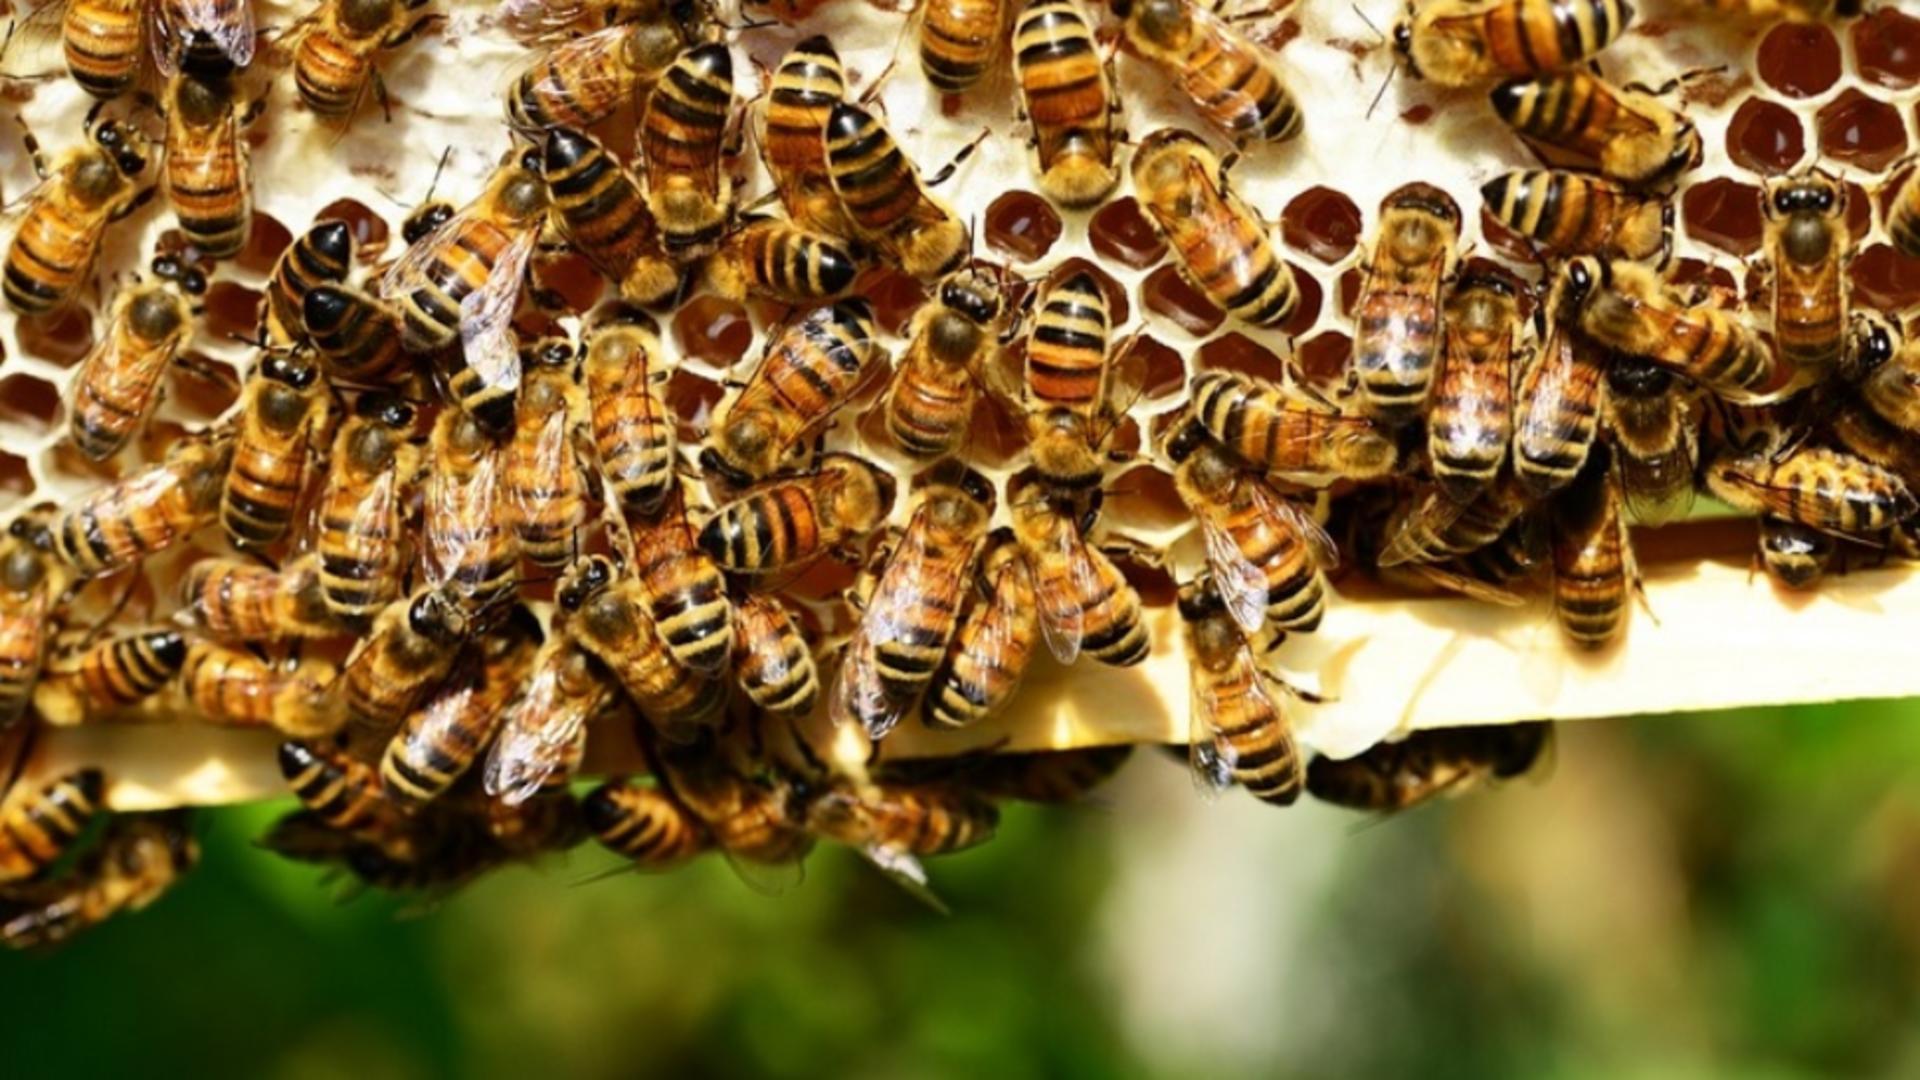 Bărbatul a fost înțepat de albine și a intrat în șoc anafilactic